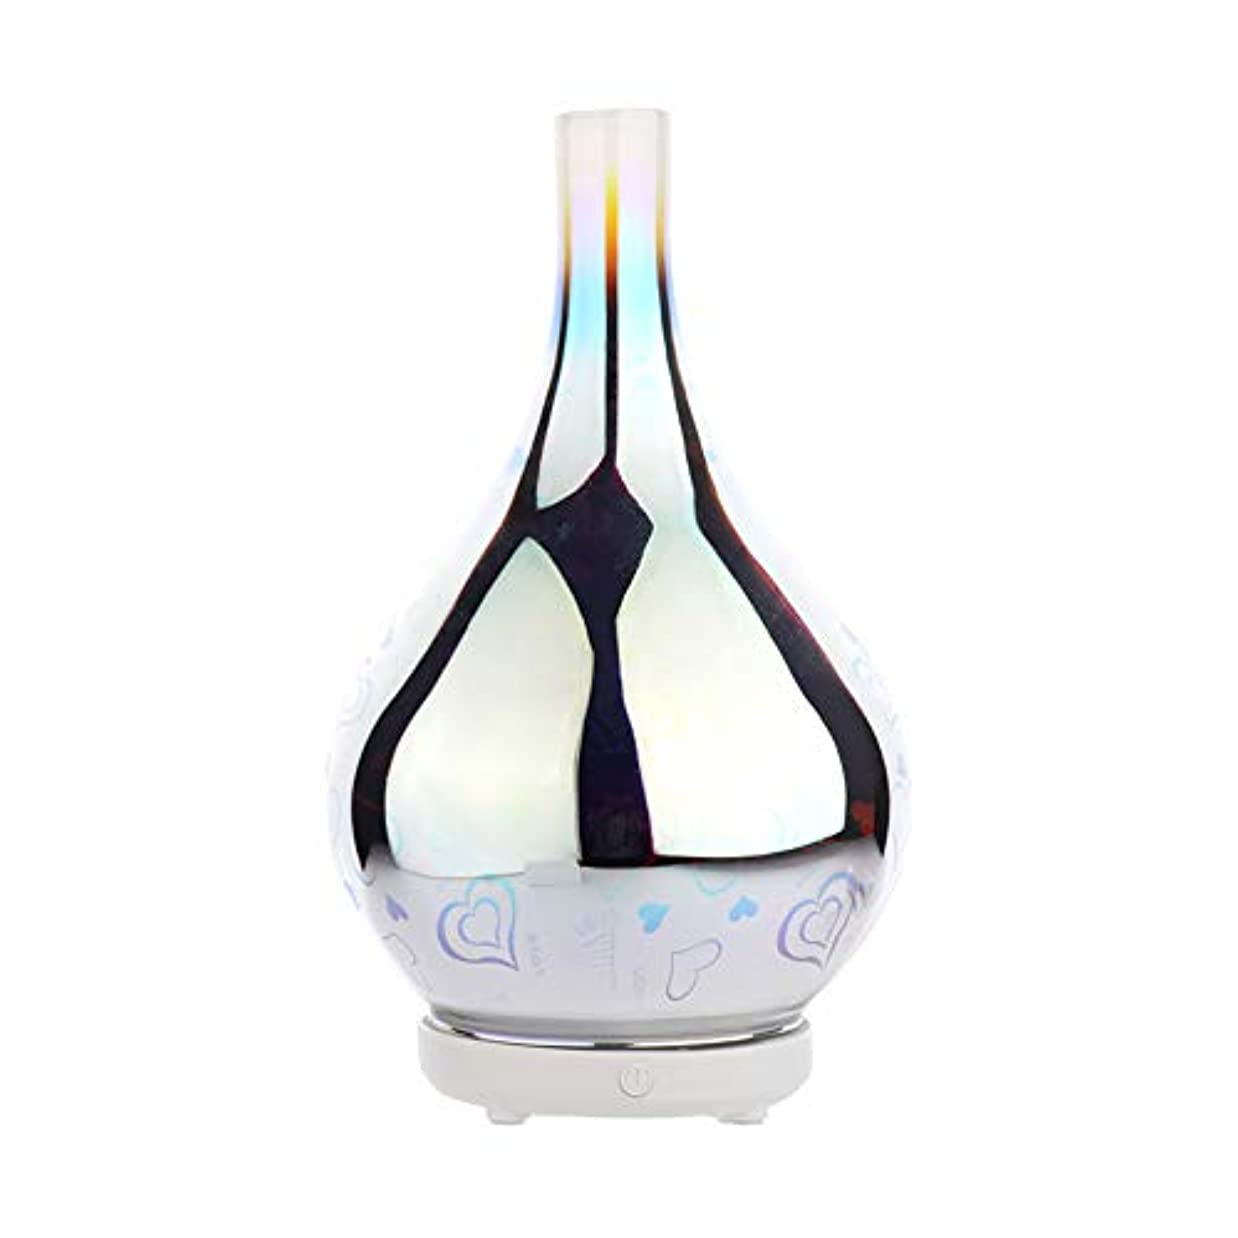 絡まる腕たぶんDC 二色 3Dガラス夜ライトアロマテラピーマシン 精油の拡散器 香りのアロマセラピー アロマセラピーディフューザー